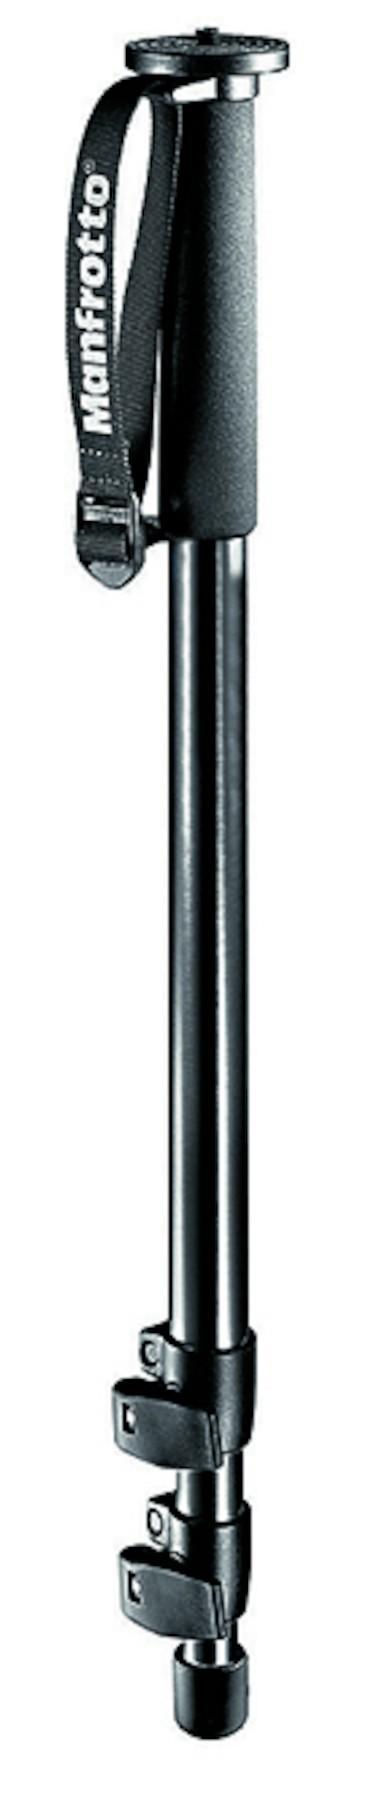 Monopé Manfrotto 679B de 3 Seções para até 10Kg